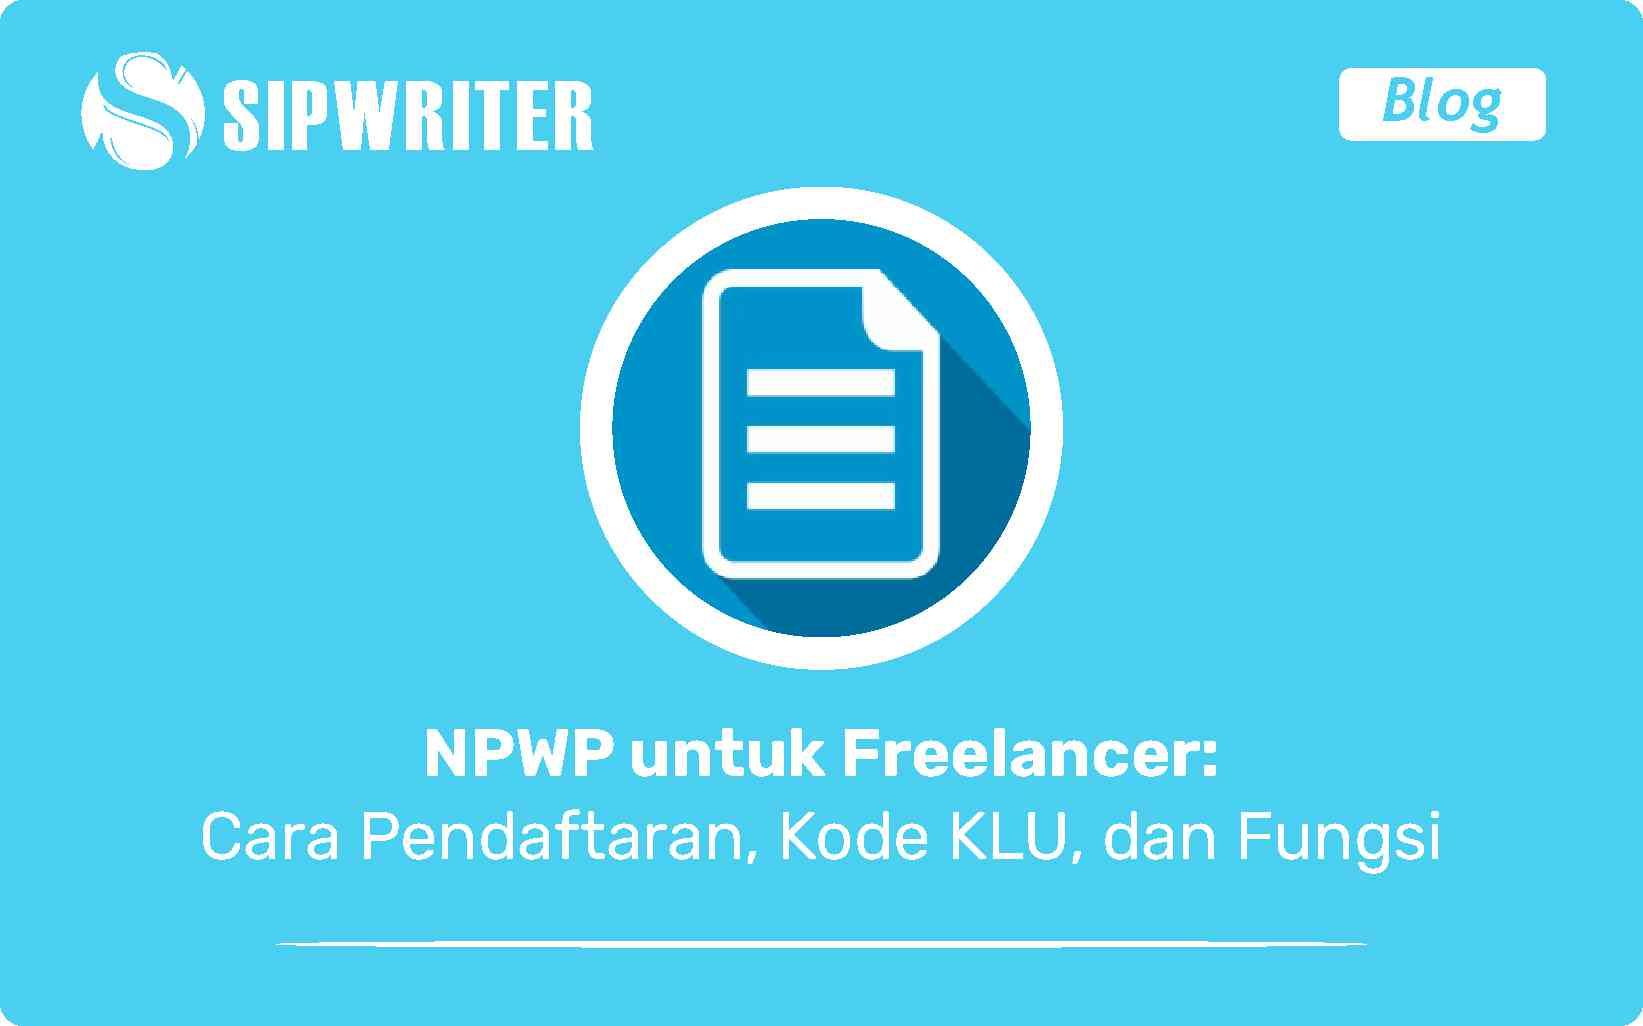 NPWP untuk Freelancer Cara Pendaftaran, Kode KLU dan Pajak Adsense